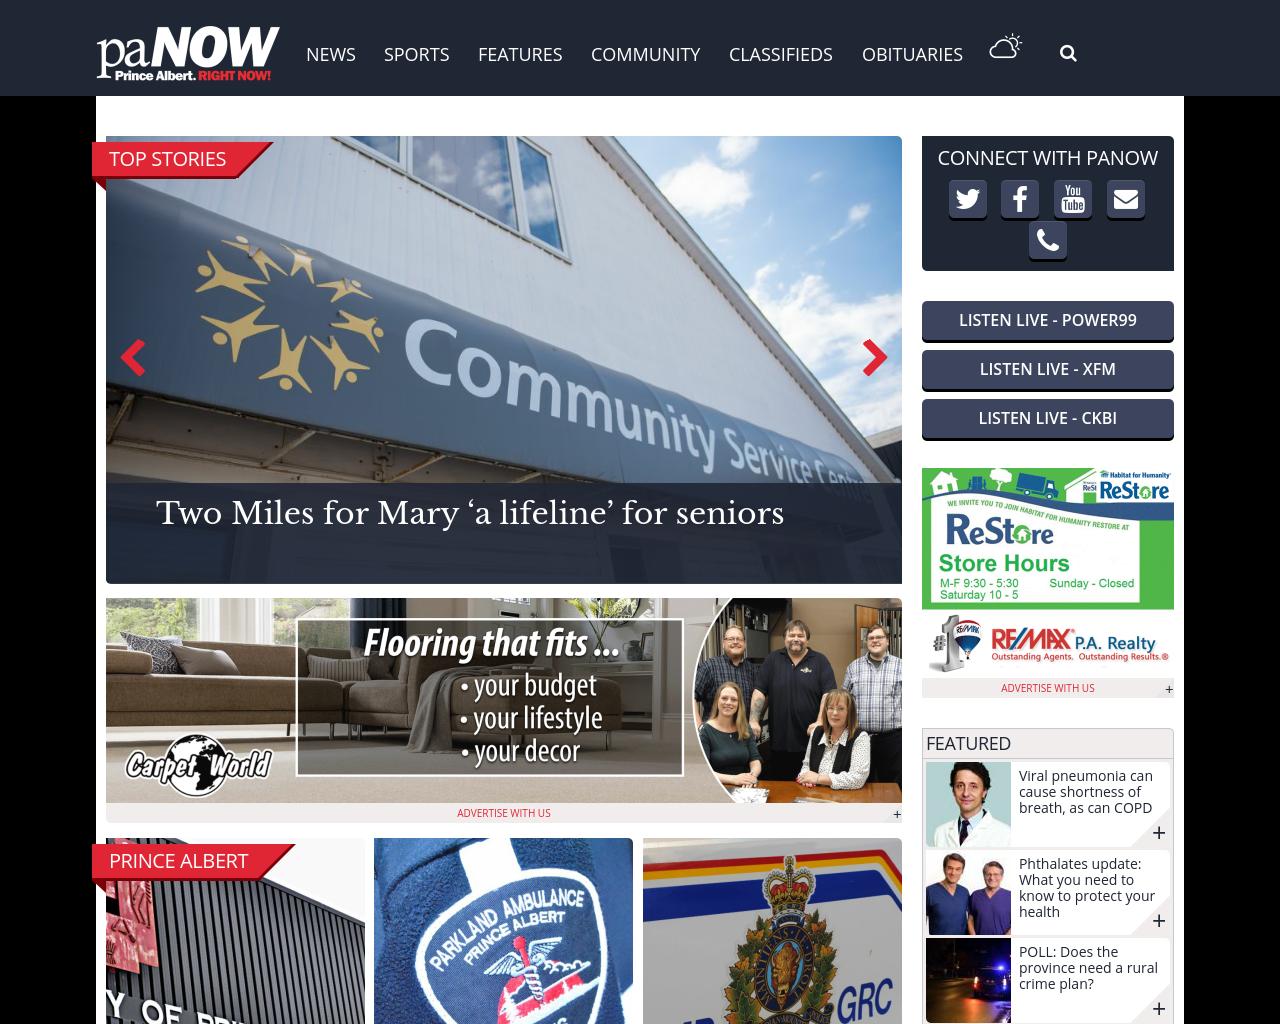 paNOW.com-Advertising-Reviews-Pricing